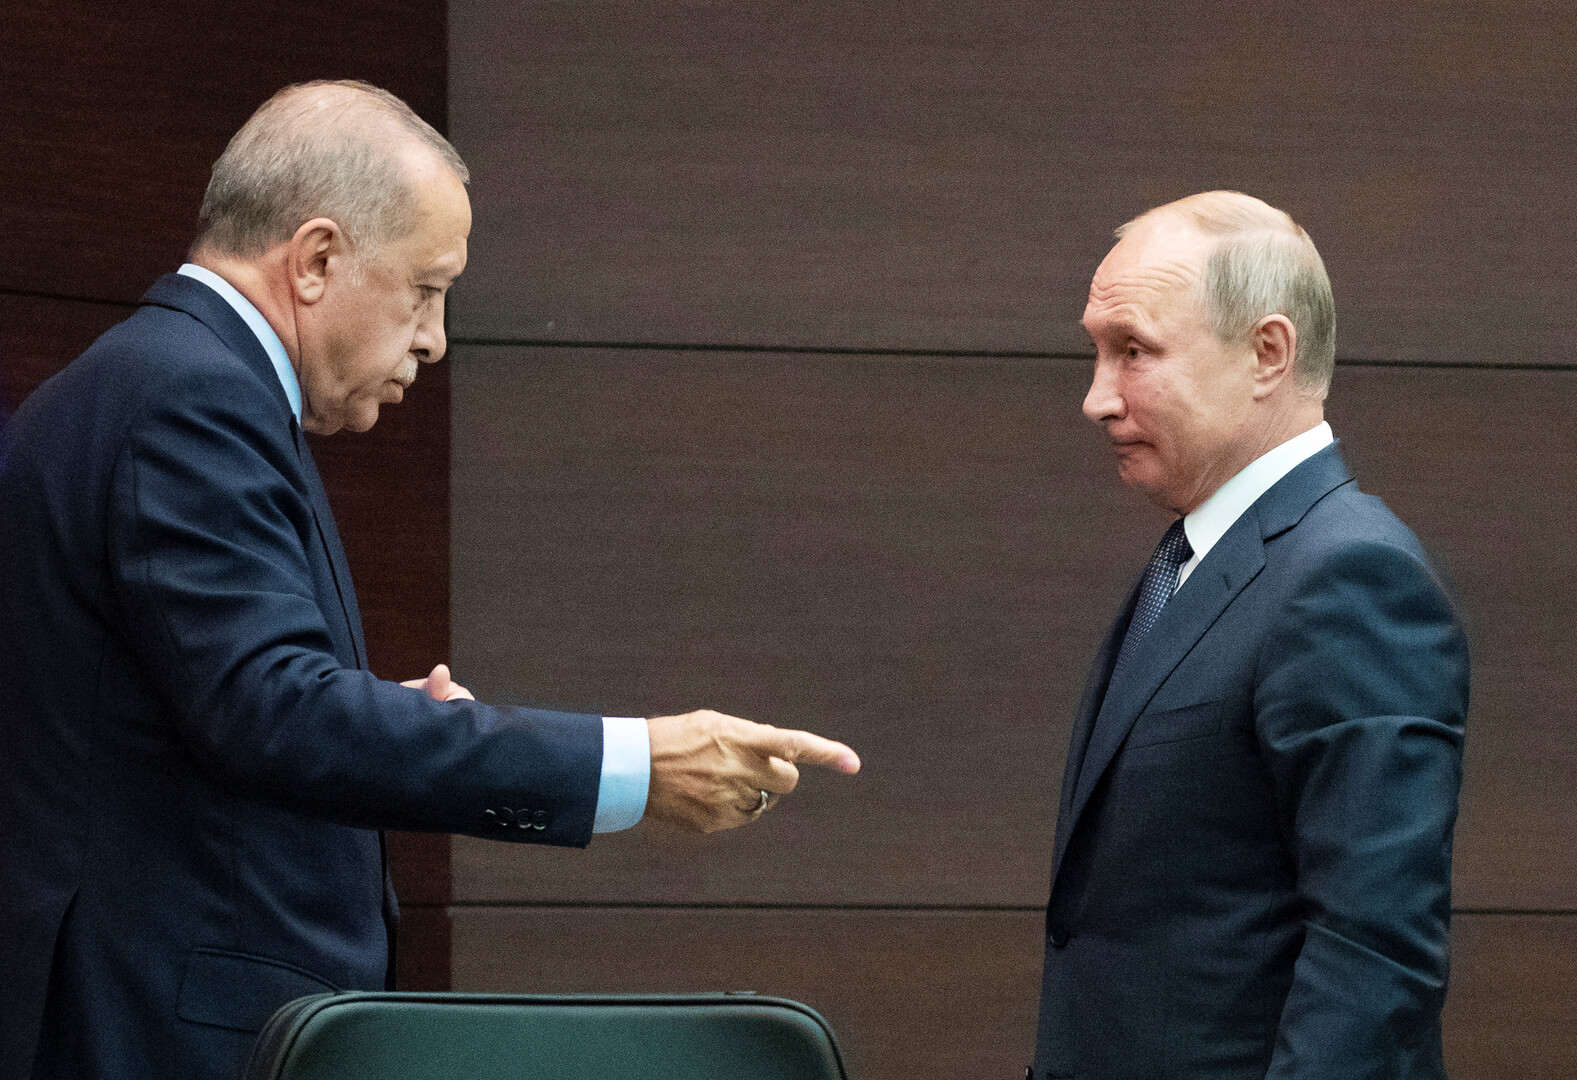 الكرملين: أردوغان قد يزور روسيا أواخر أكتوبر الجاري